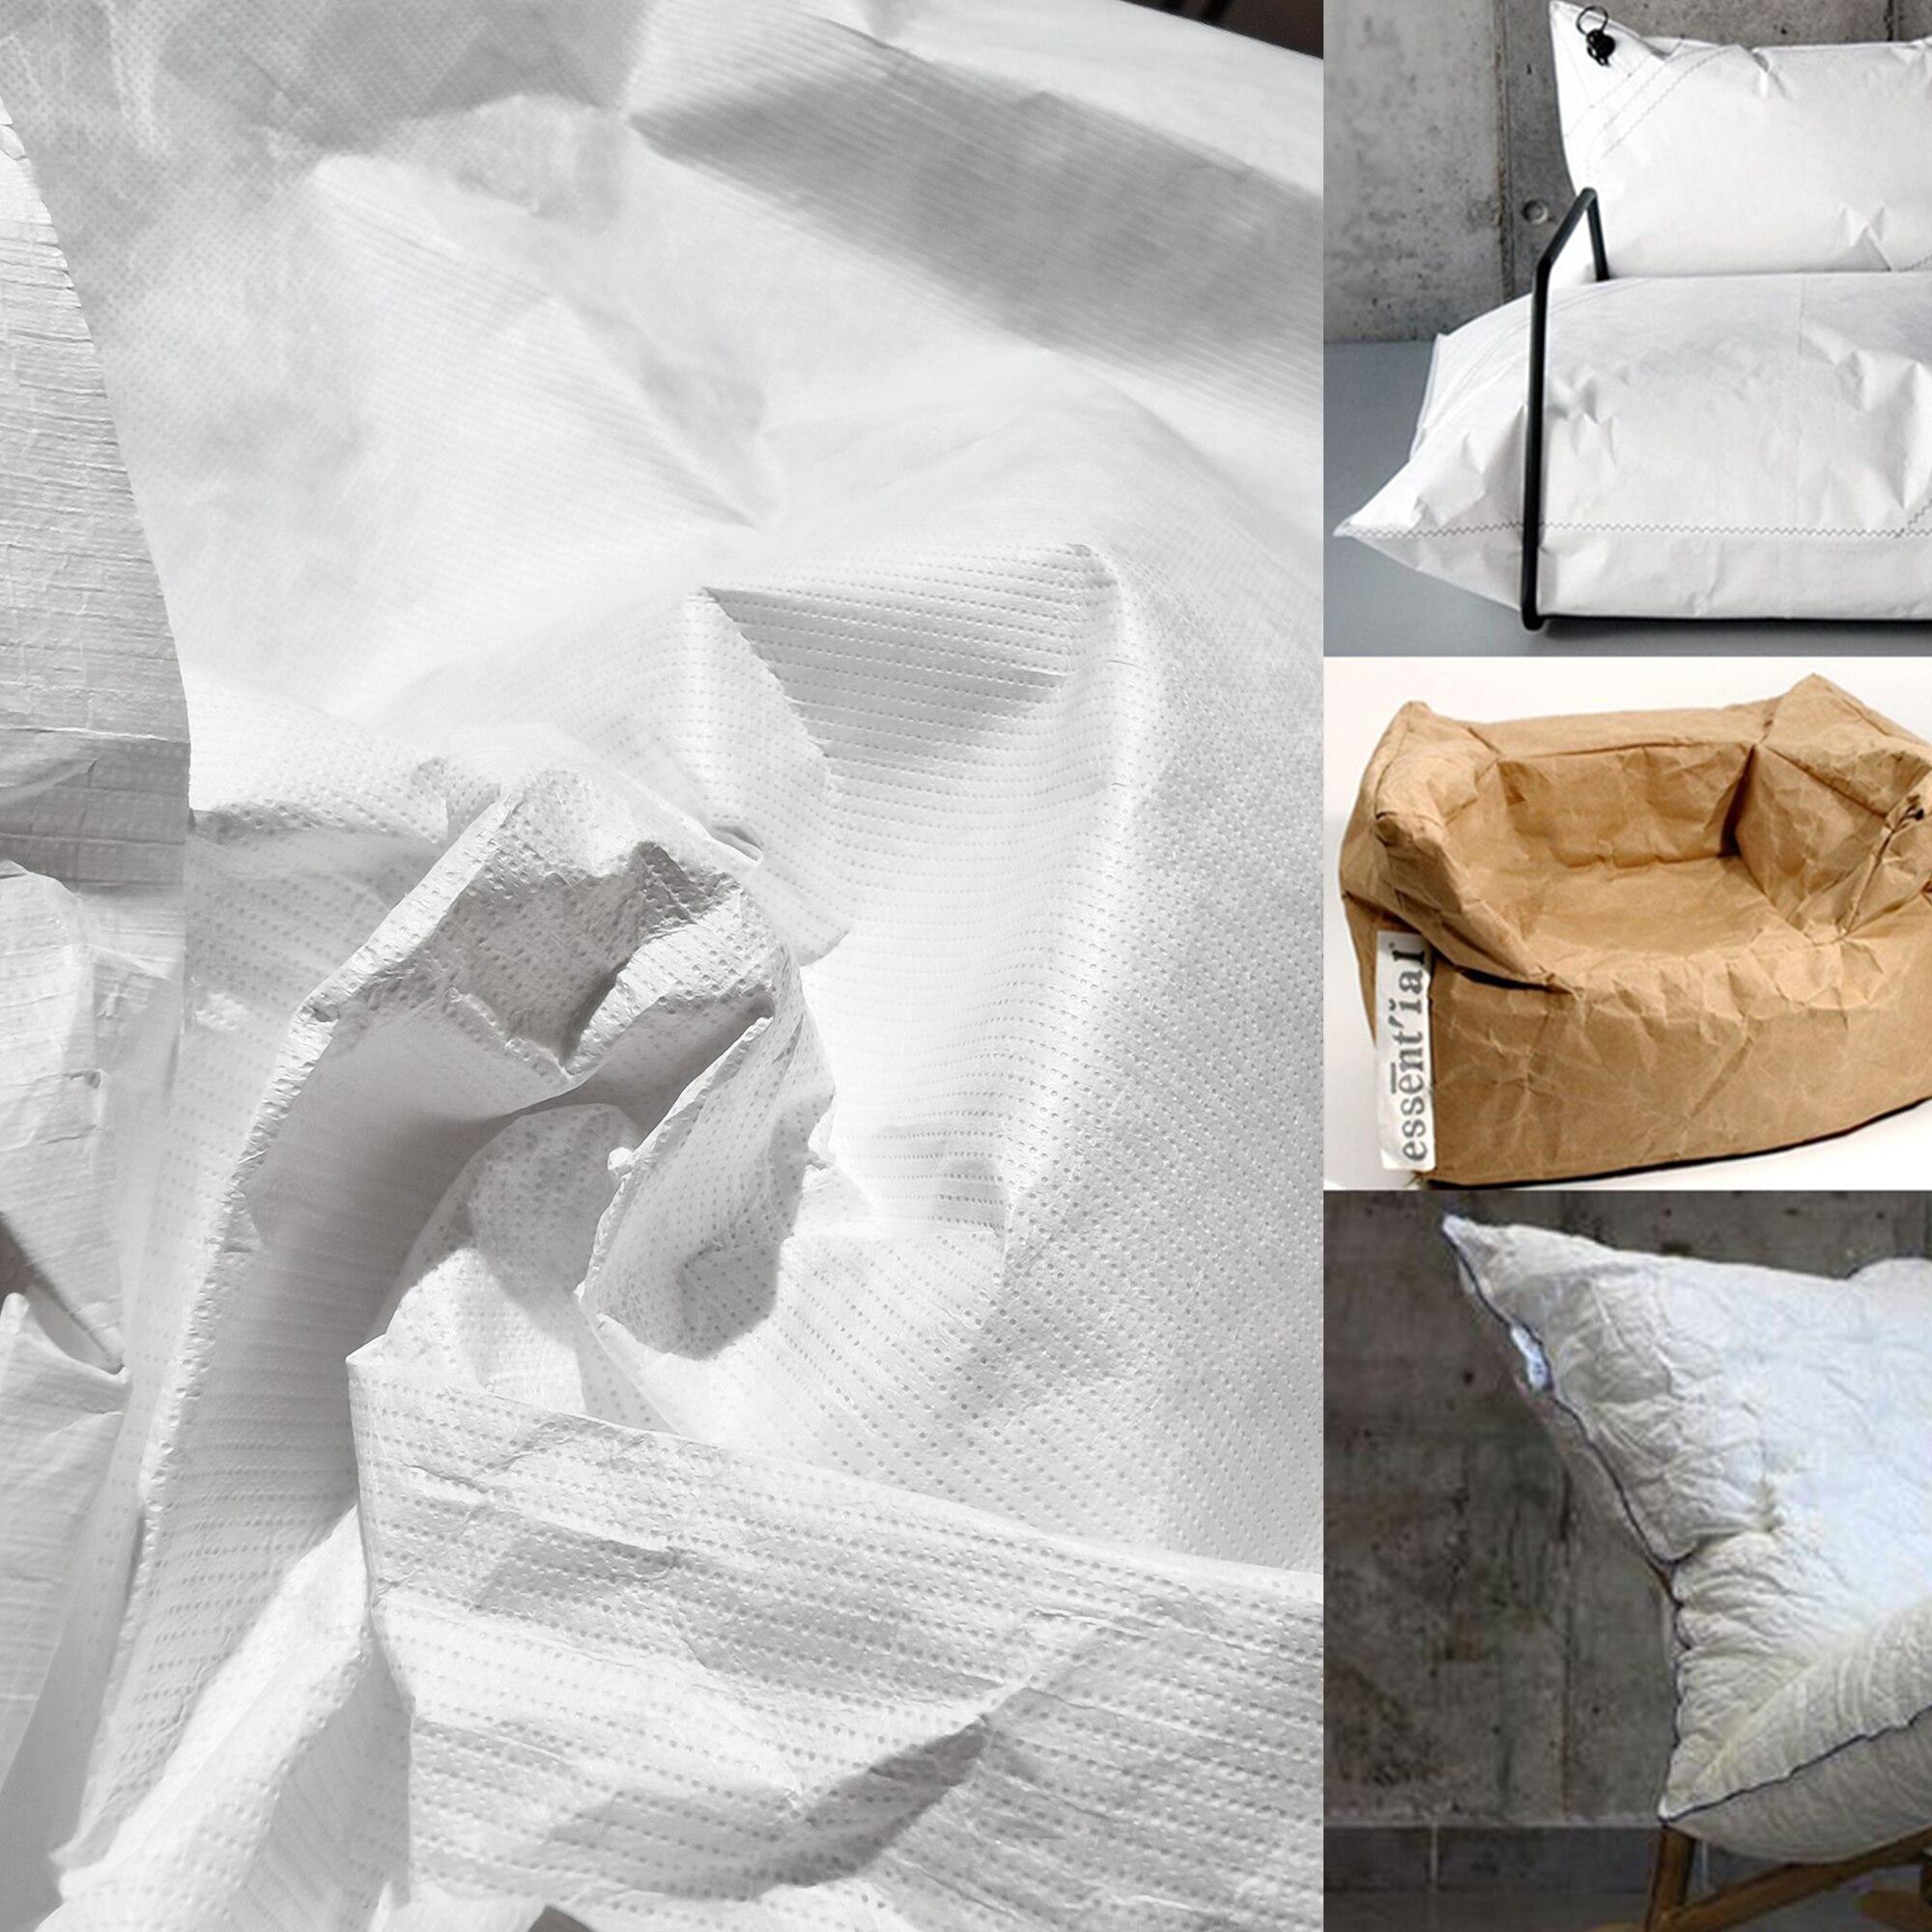 0,17 мм/0,27 мм импортная DuPont бумажная ткань/Tyvek моющаяся дышащая бумага рваная не рваная Сумка дизайнерская ткань оптовая продажа